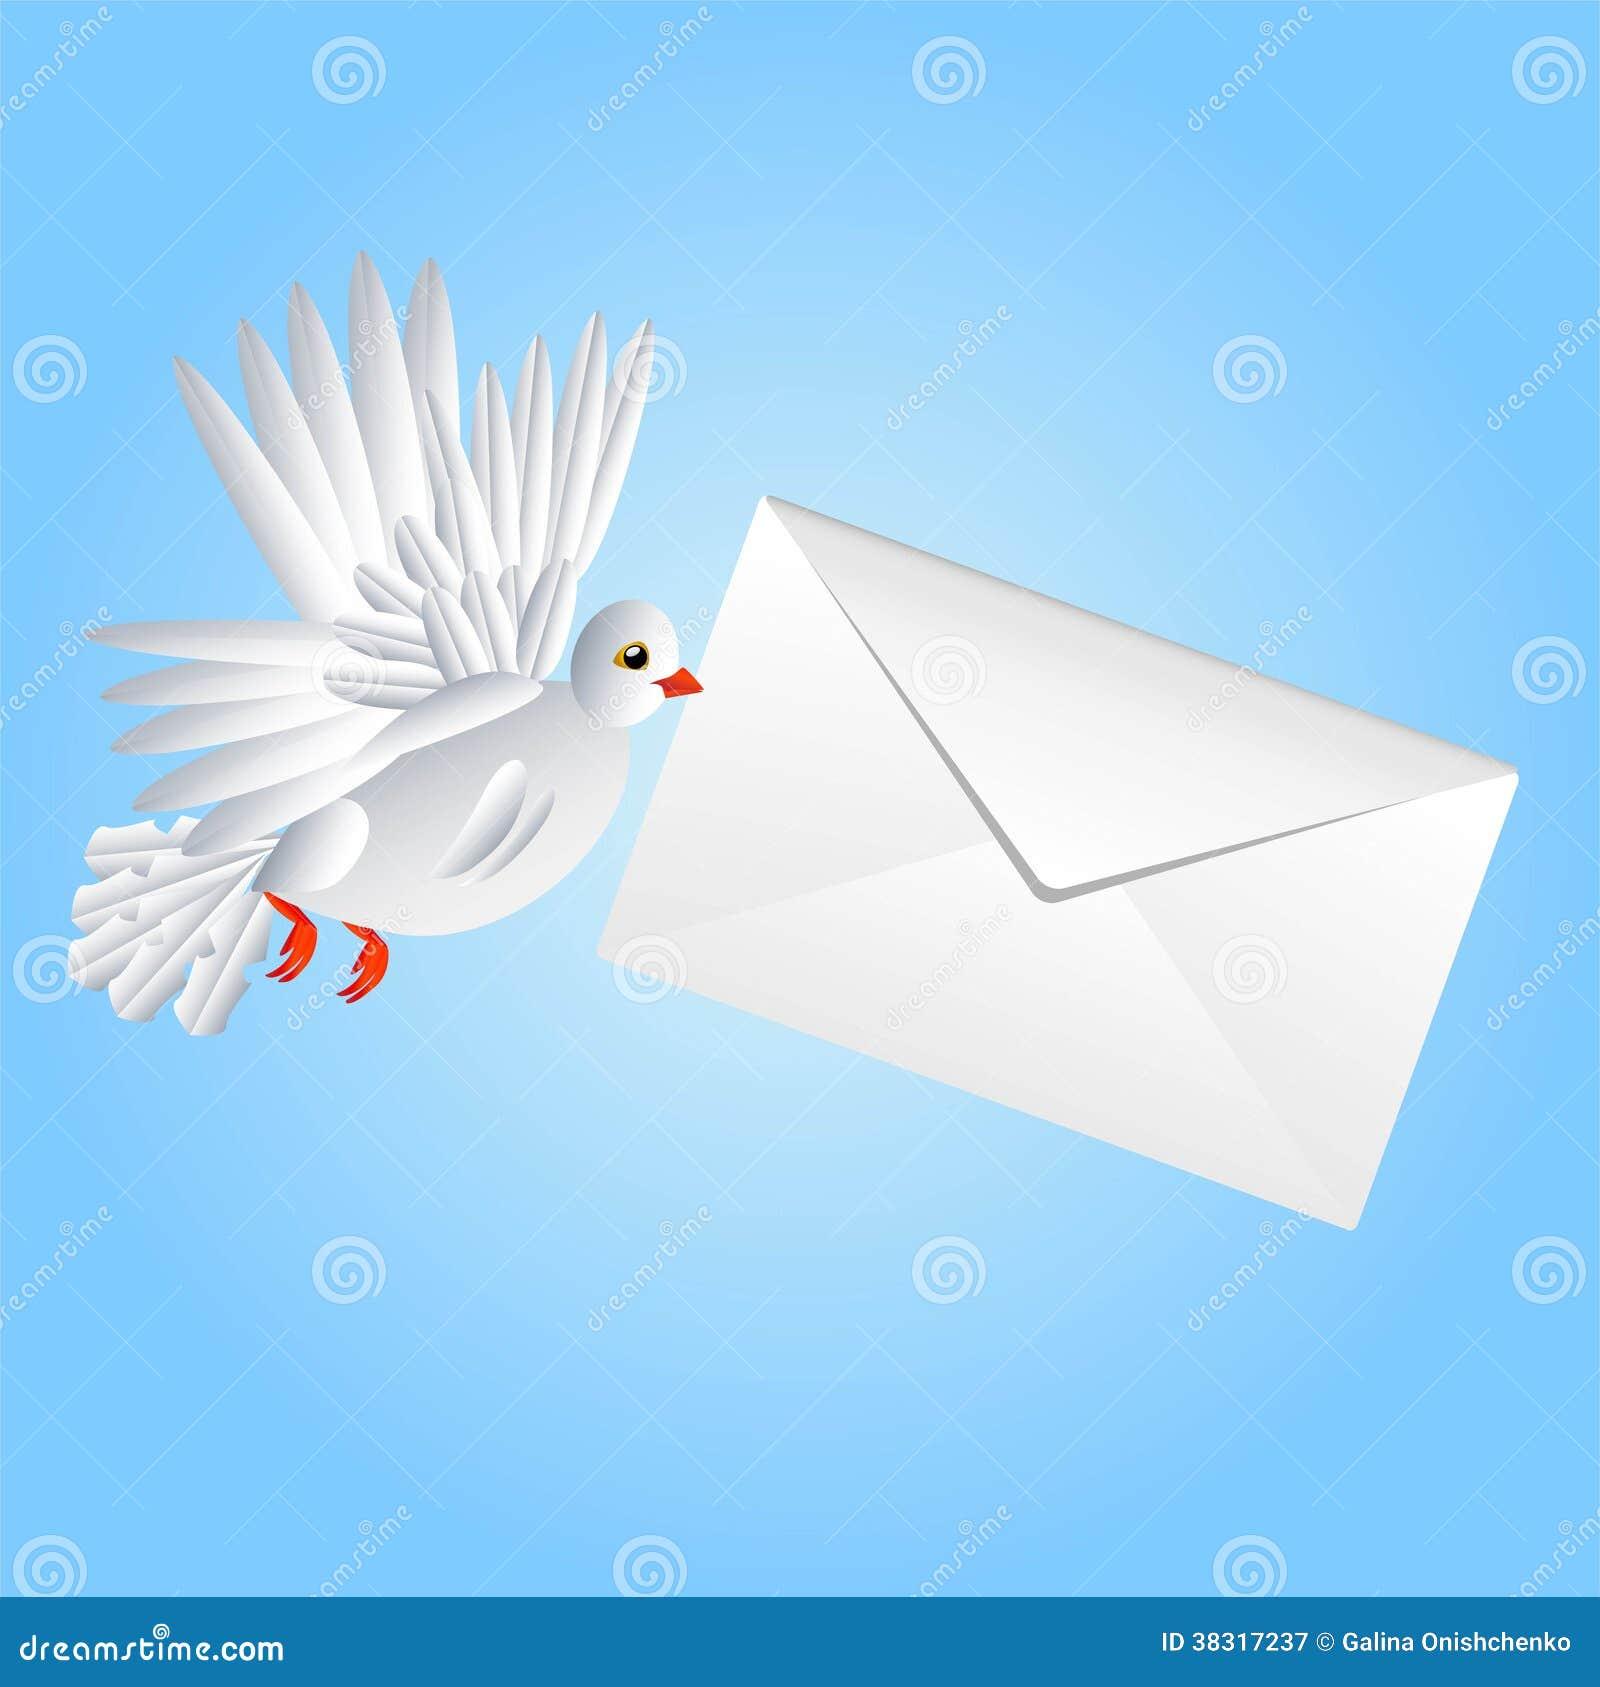 Птица белый голубь носит белый конверт в клюве